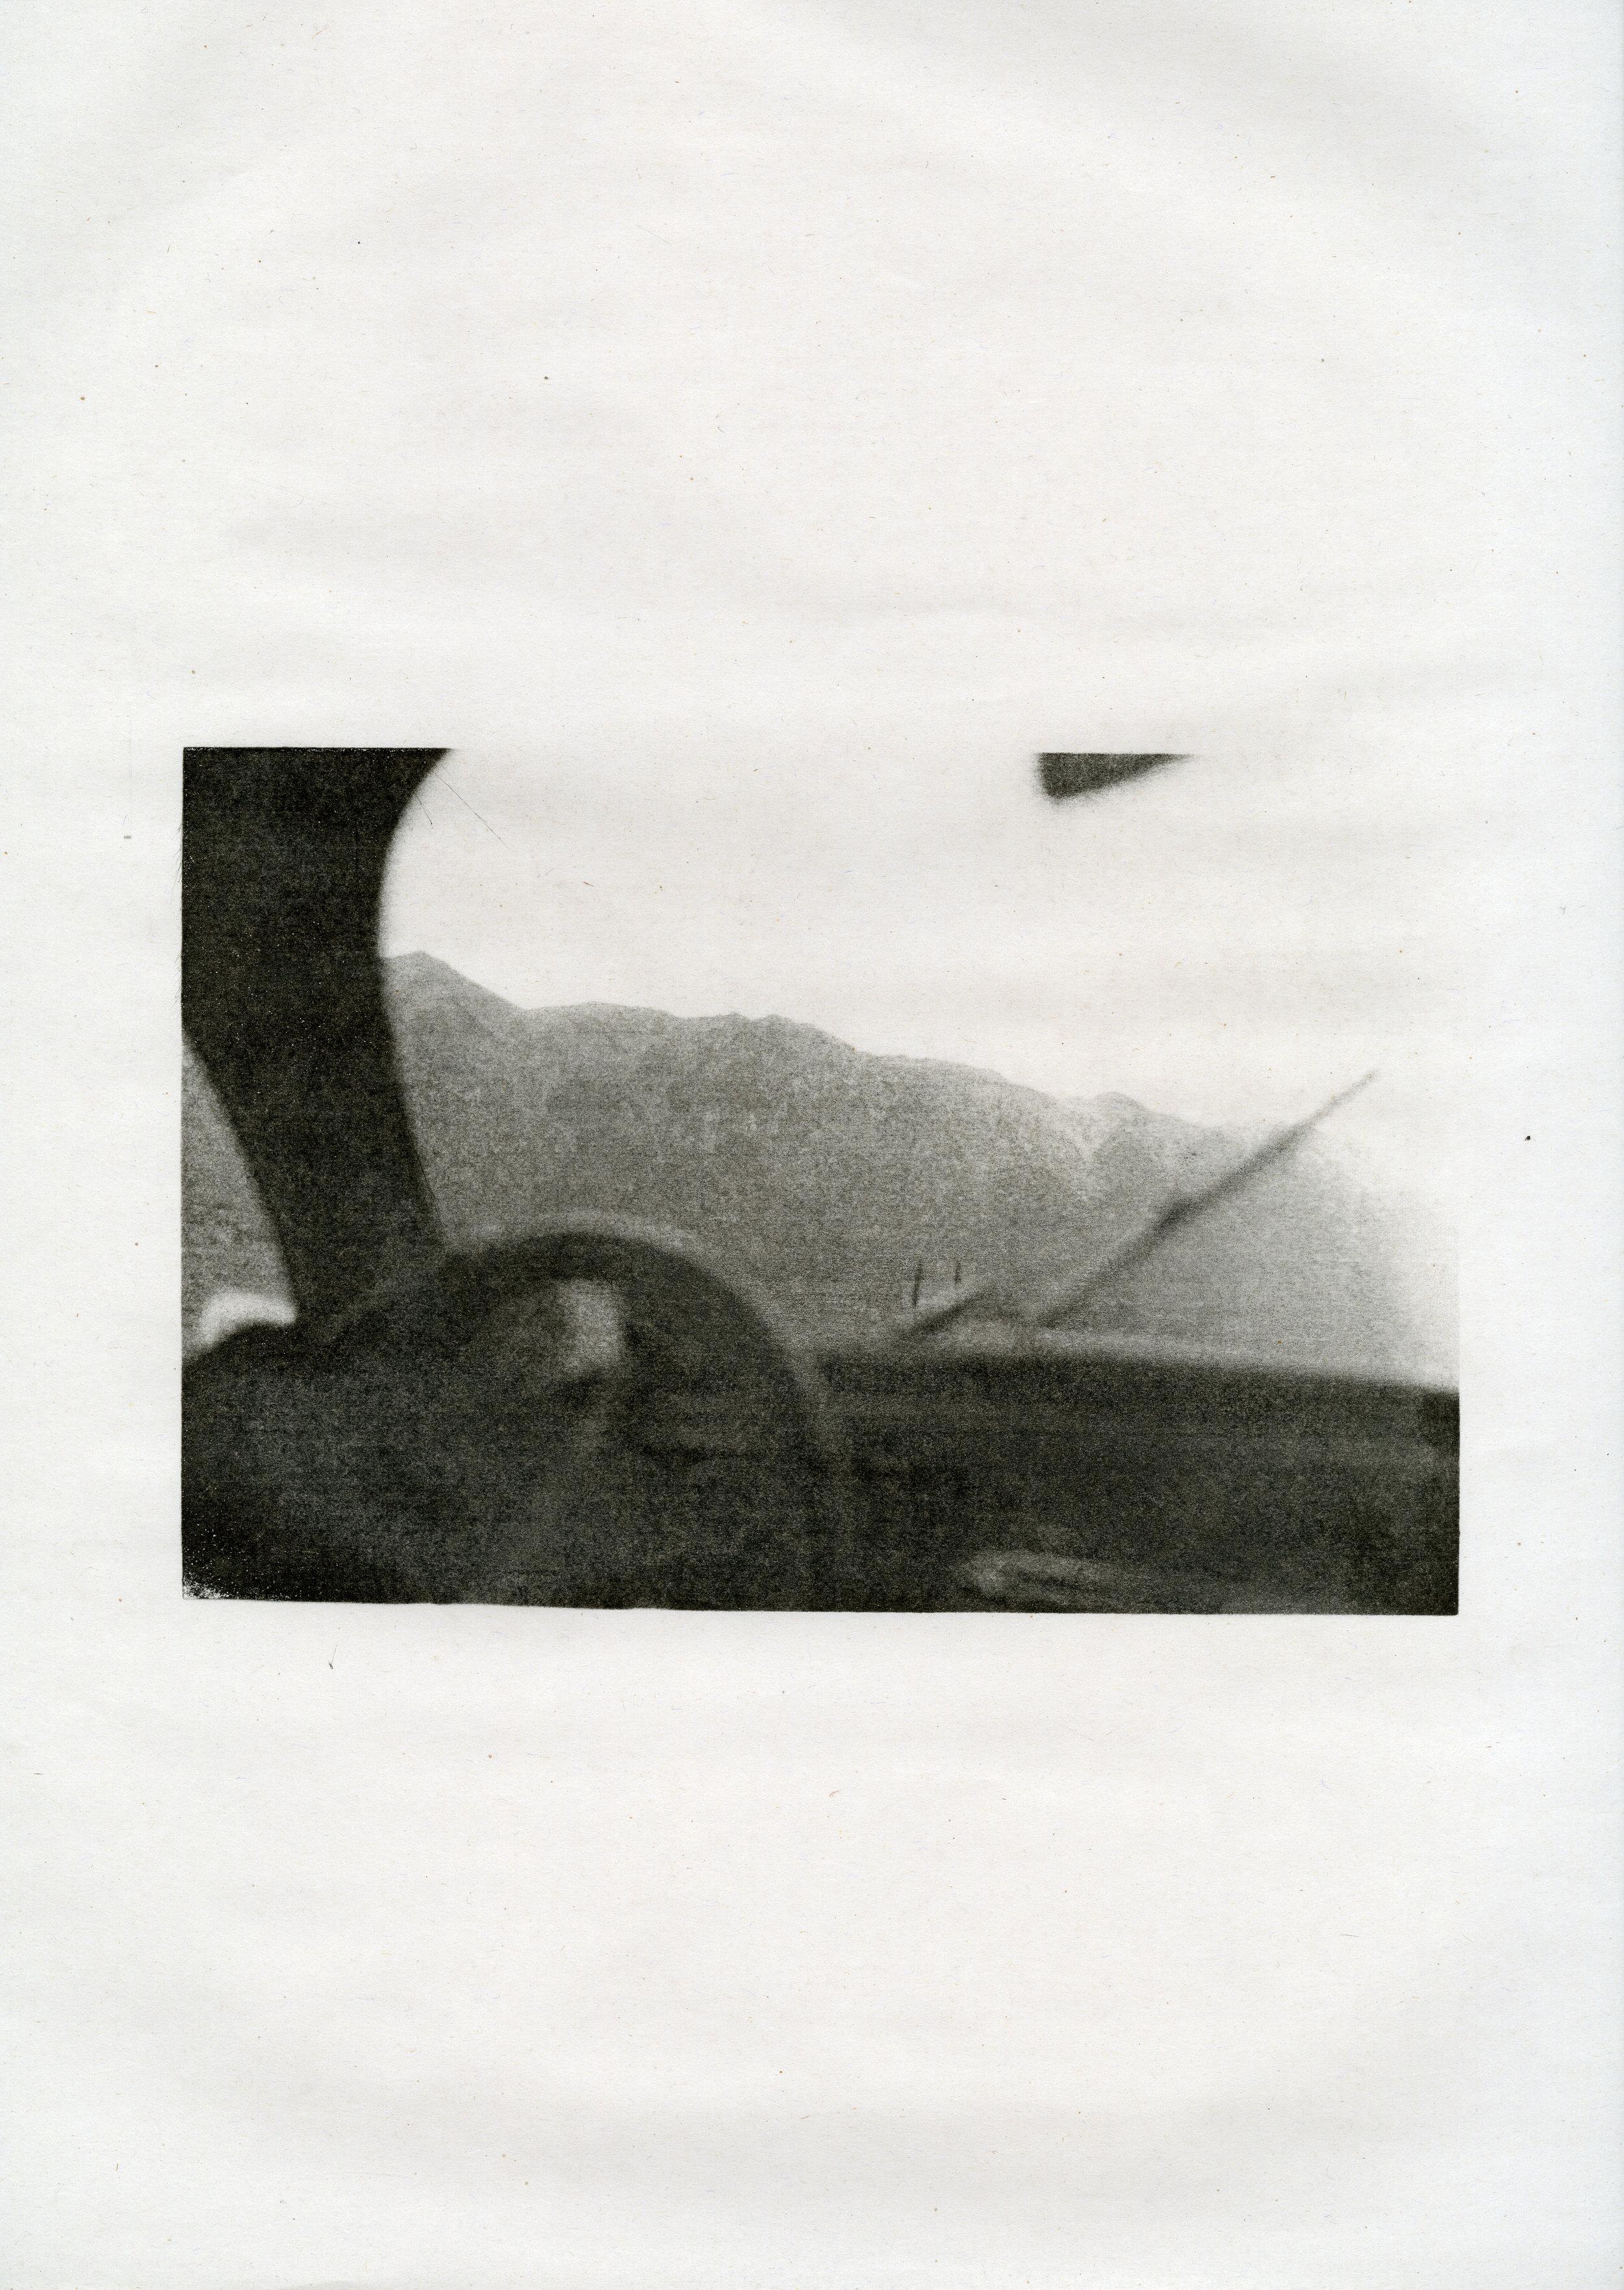 file016.jpg